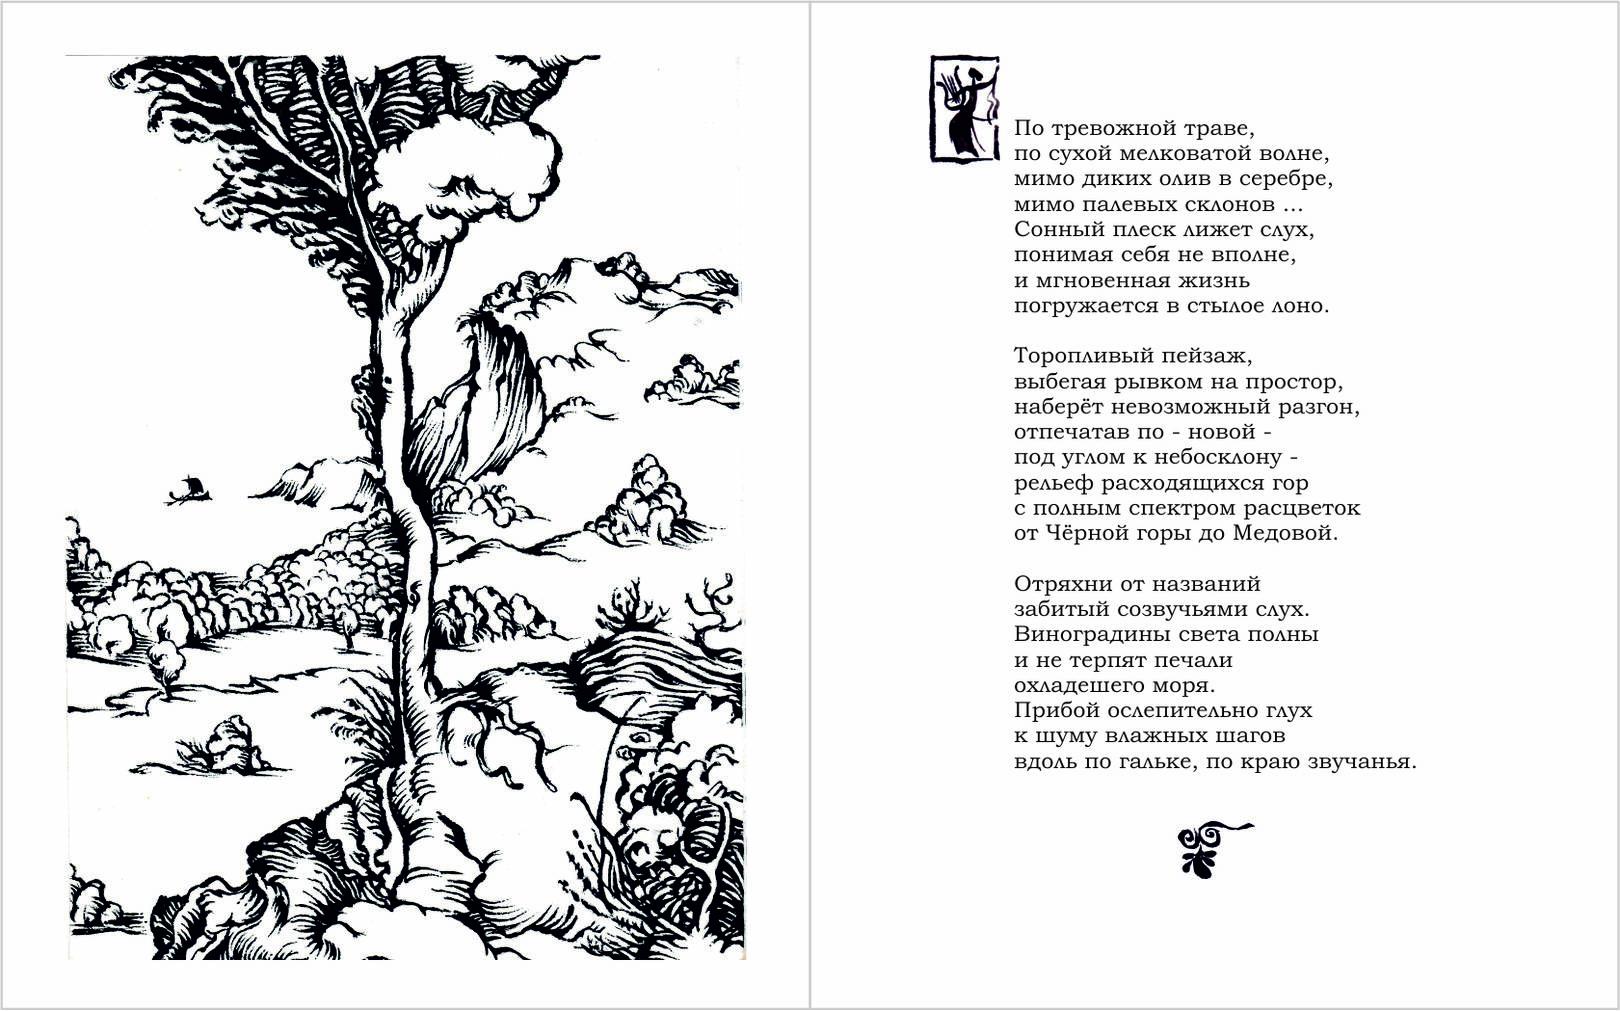 Иллюстрация  в сборник стихов.